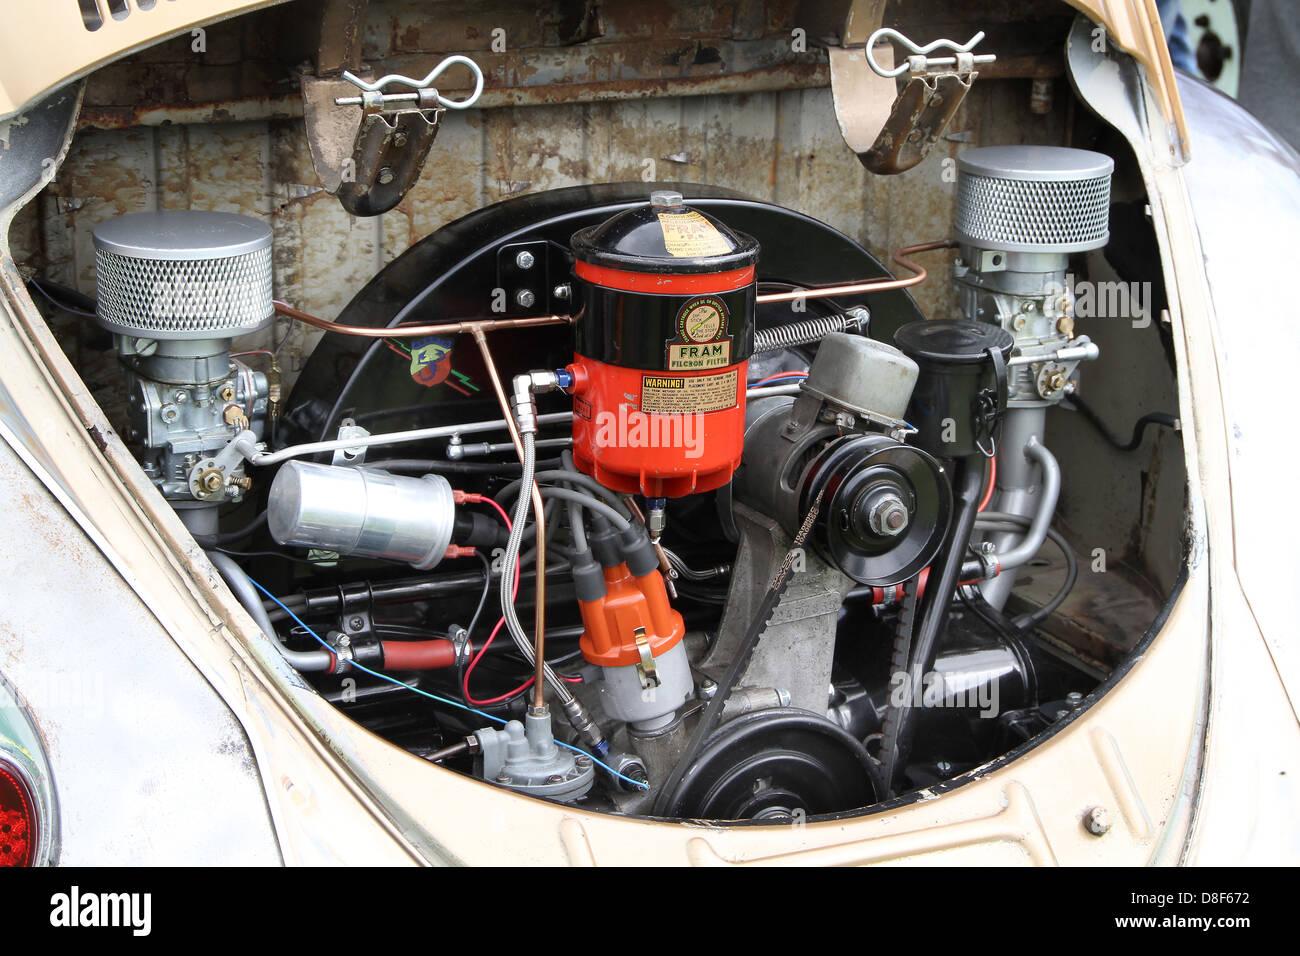 diagrams schematics vw engine free download beetle wiring volkswagen diagram